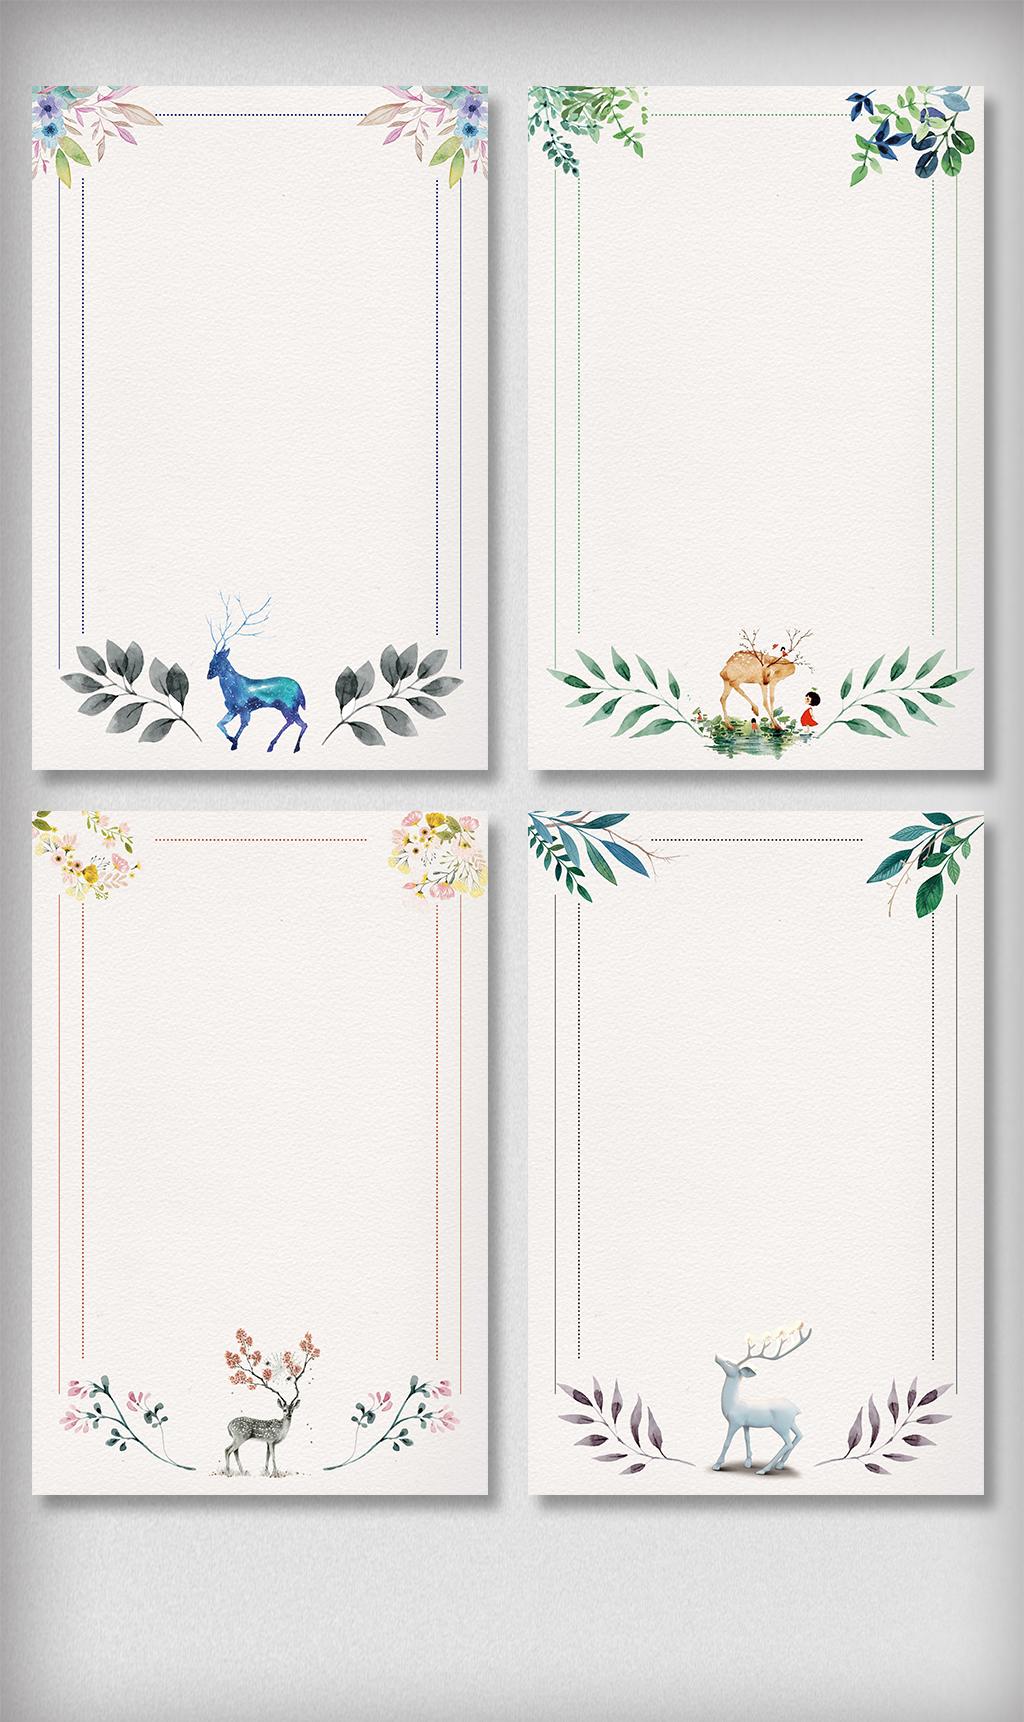 清新小鹿手绘插画简约边框海报背景